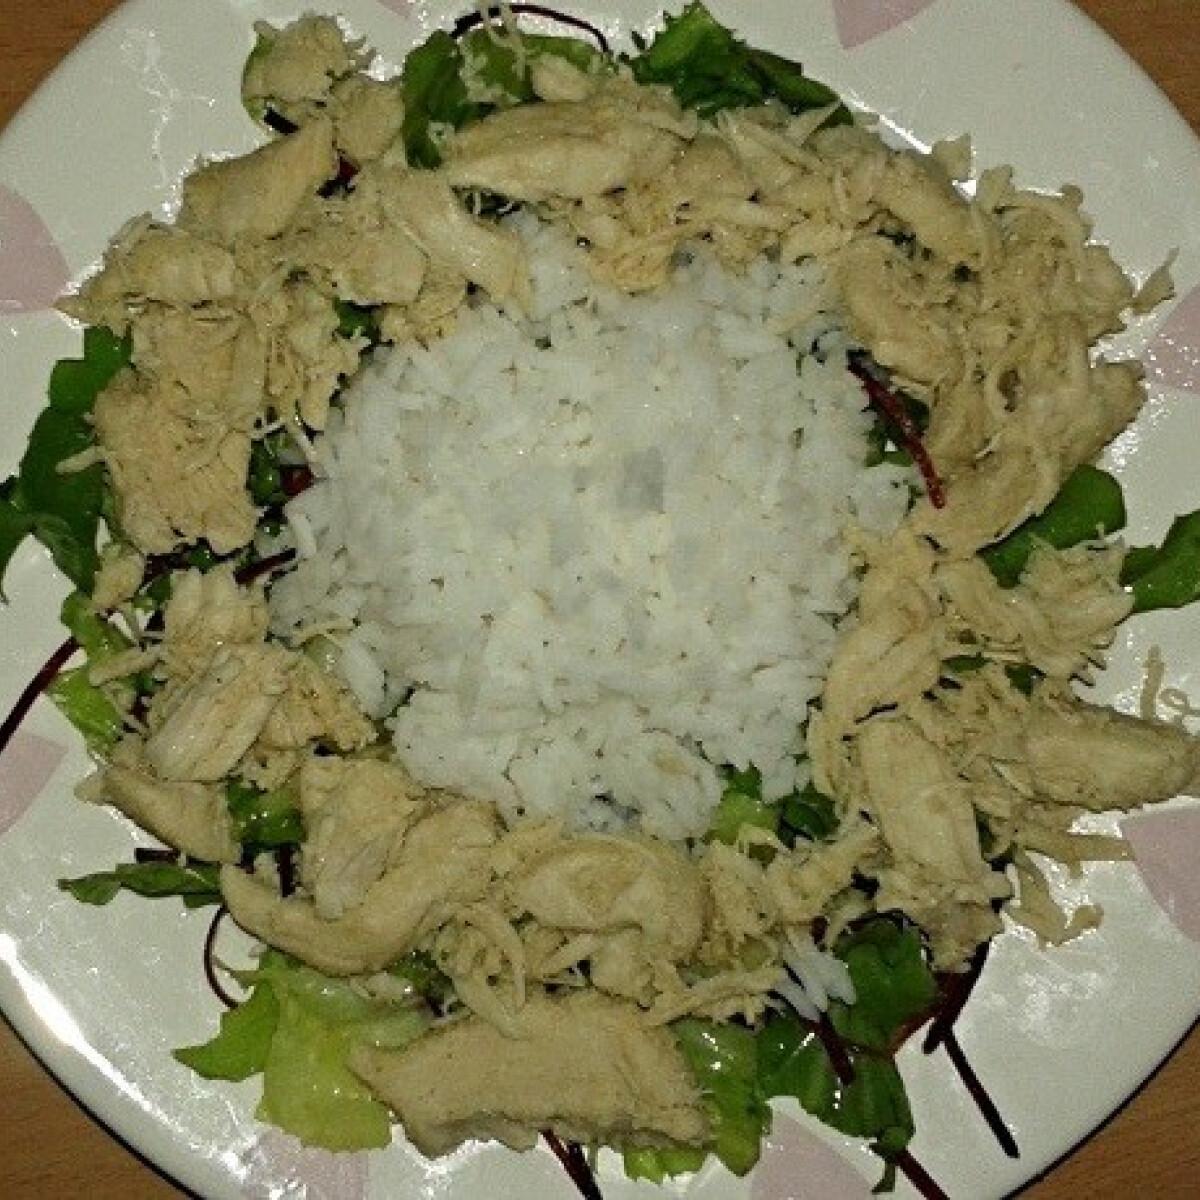 Fűszeres csirkemellcsíkok zöldségágyon tálalva